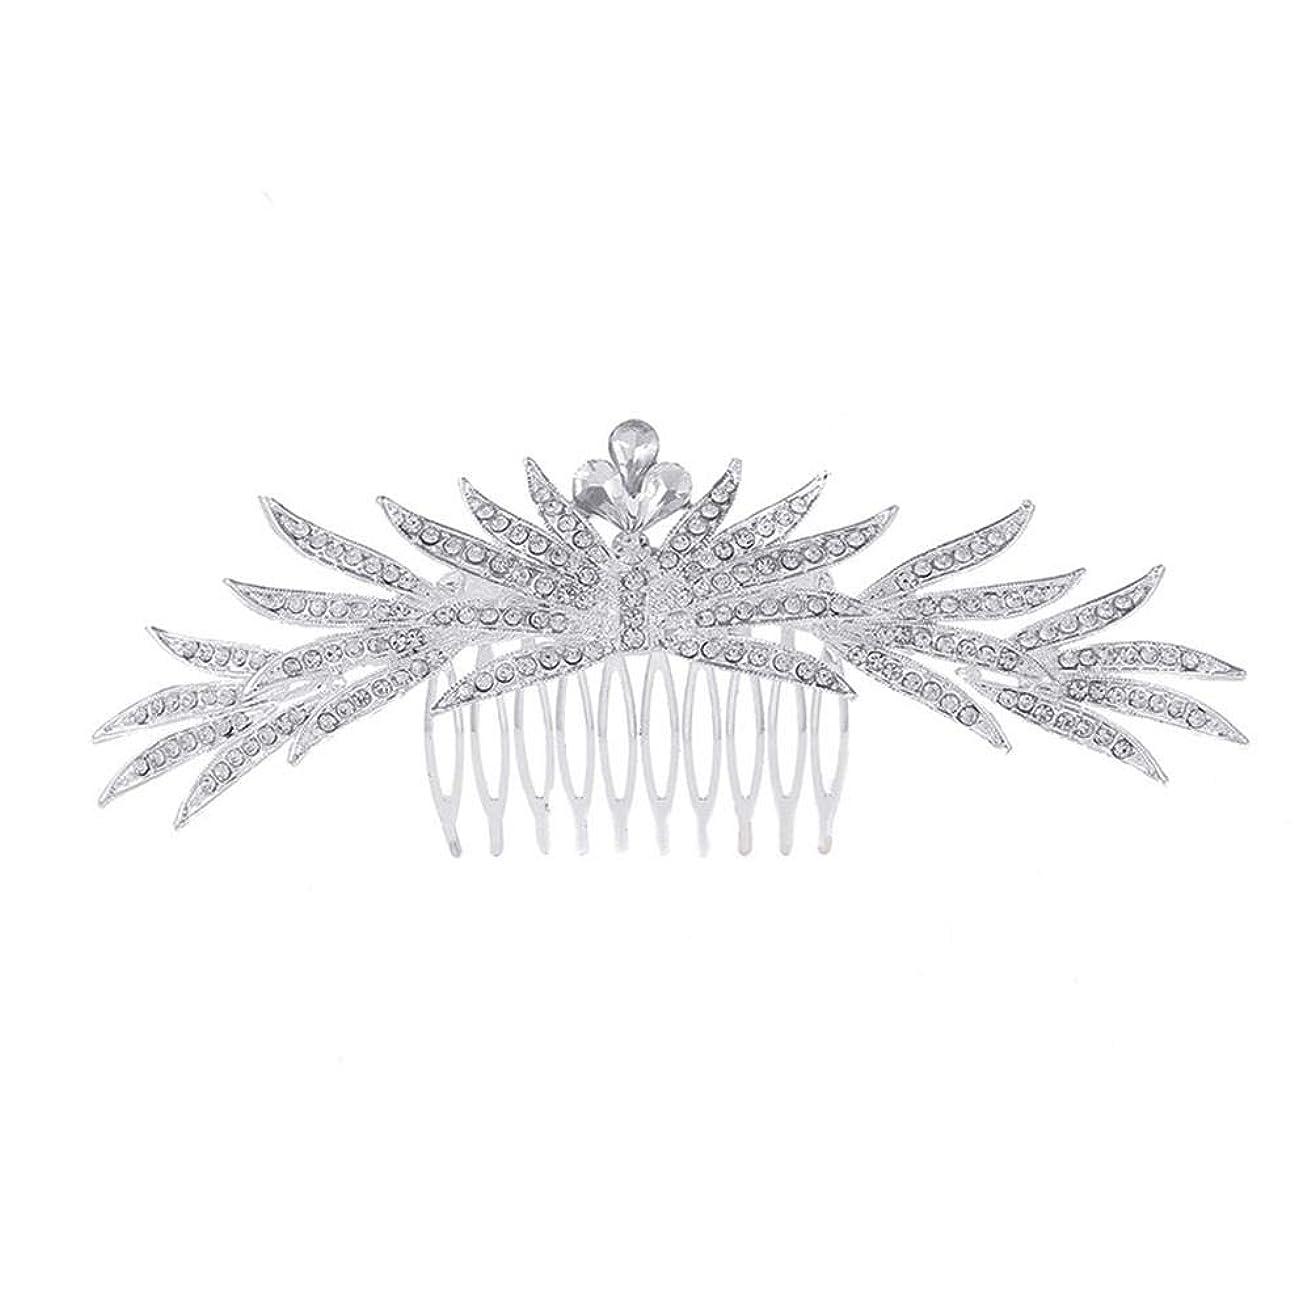 破裂教義世論調査髪の櫛の櫛の櫛花嫁の髪の櫛ラインストーンの櫛亜鉛合金ブライダルヘッドドレス結婚式のアクセサリー挿入櫛